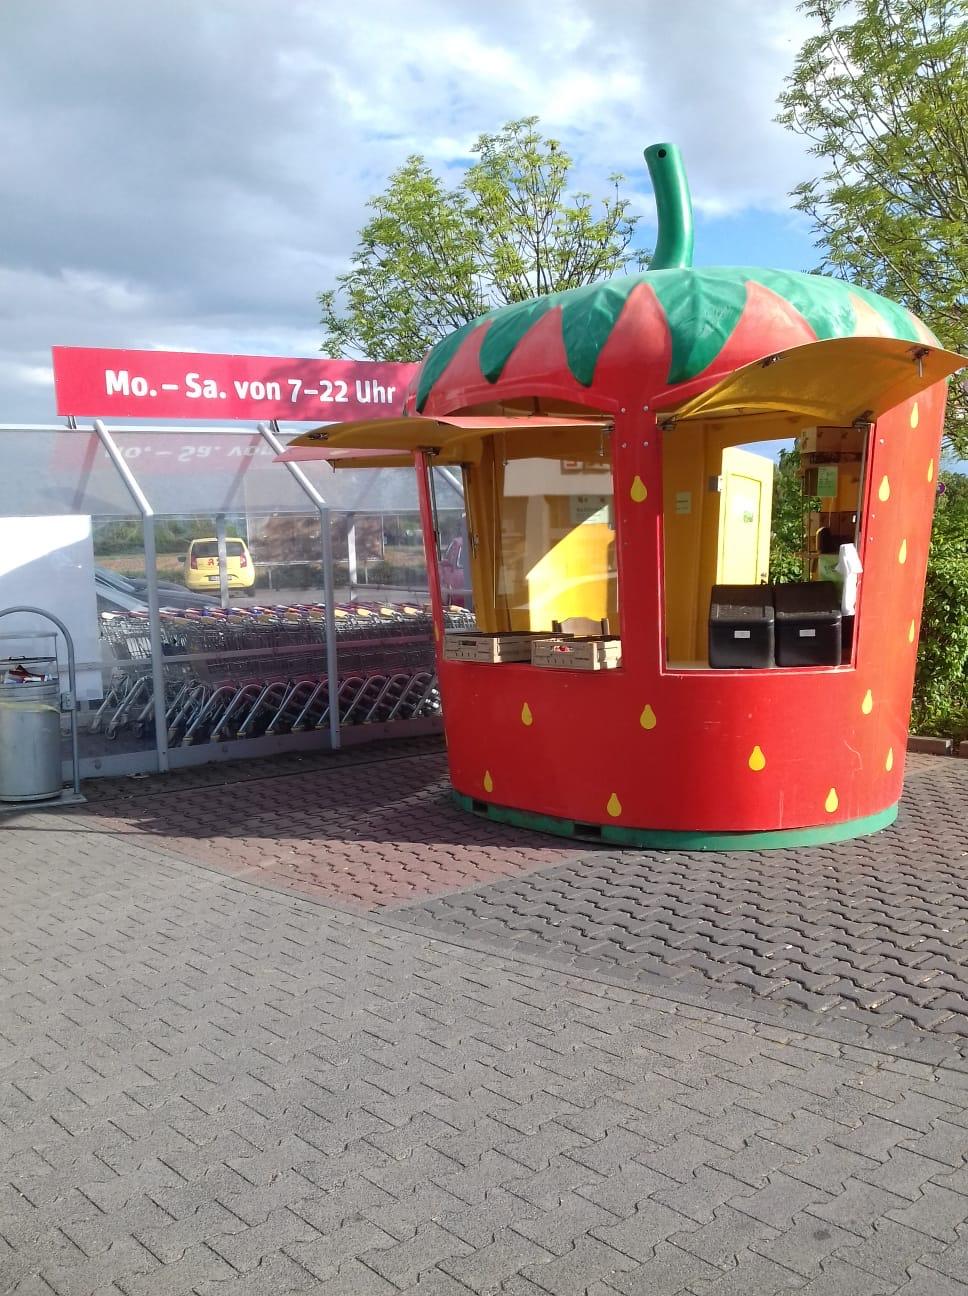 Erdbeere in Delkenheim öffnet am 30.04.21